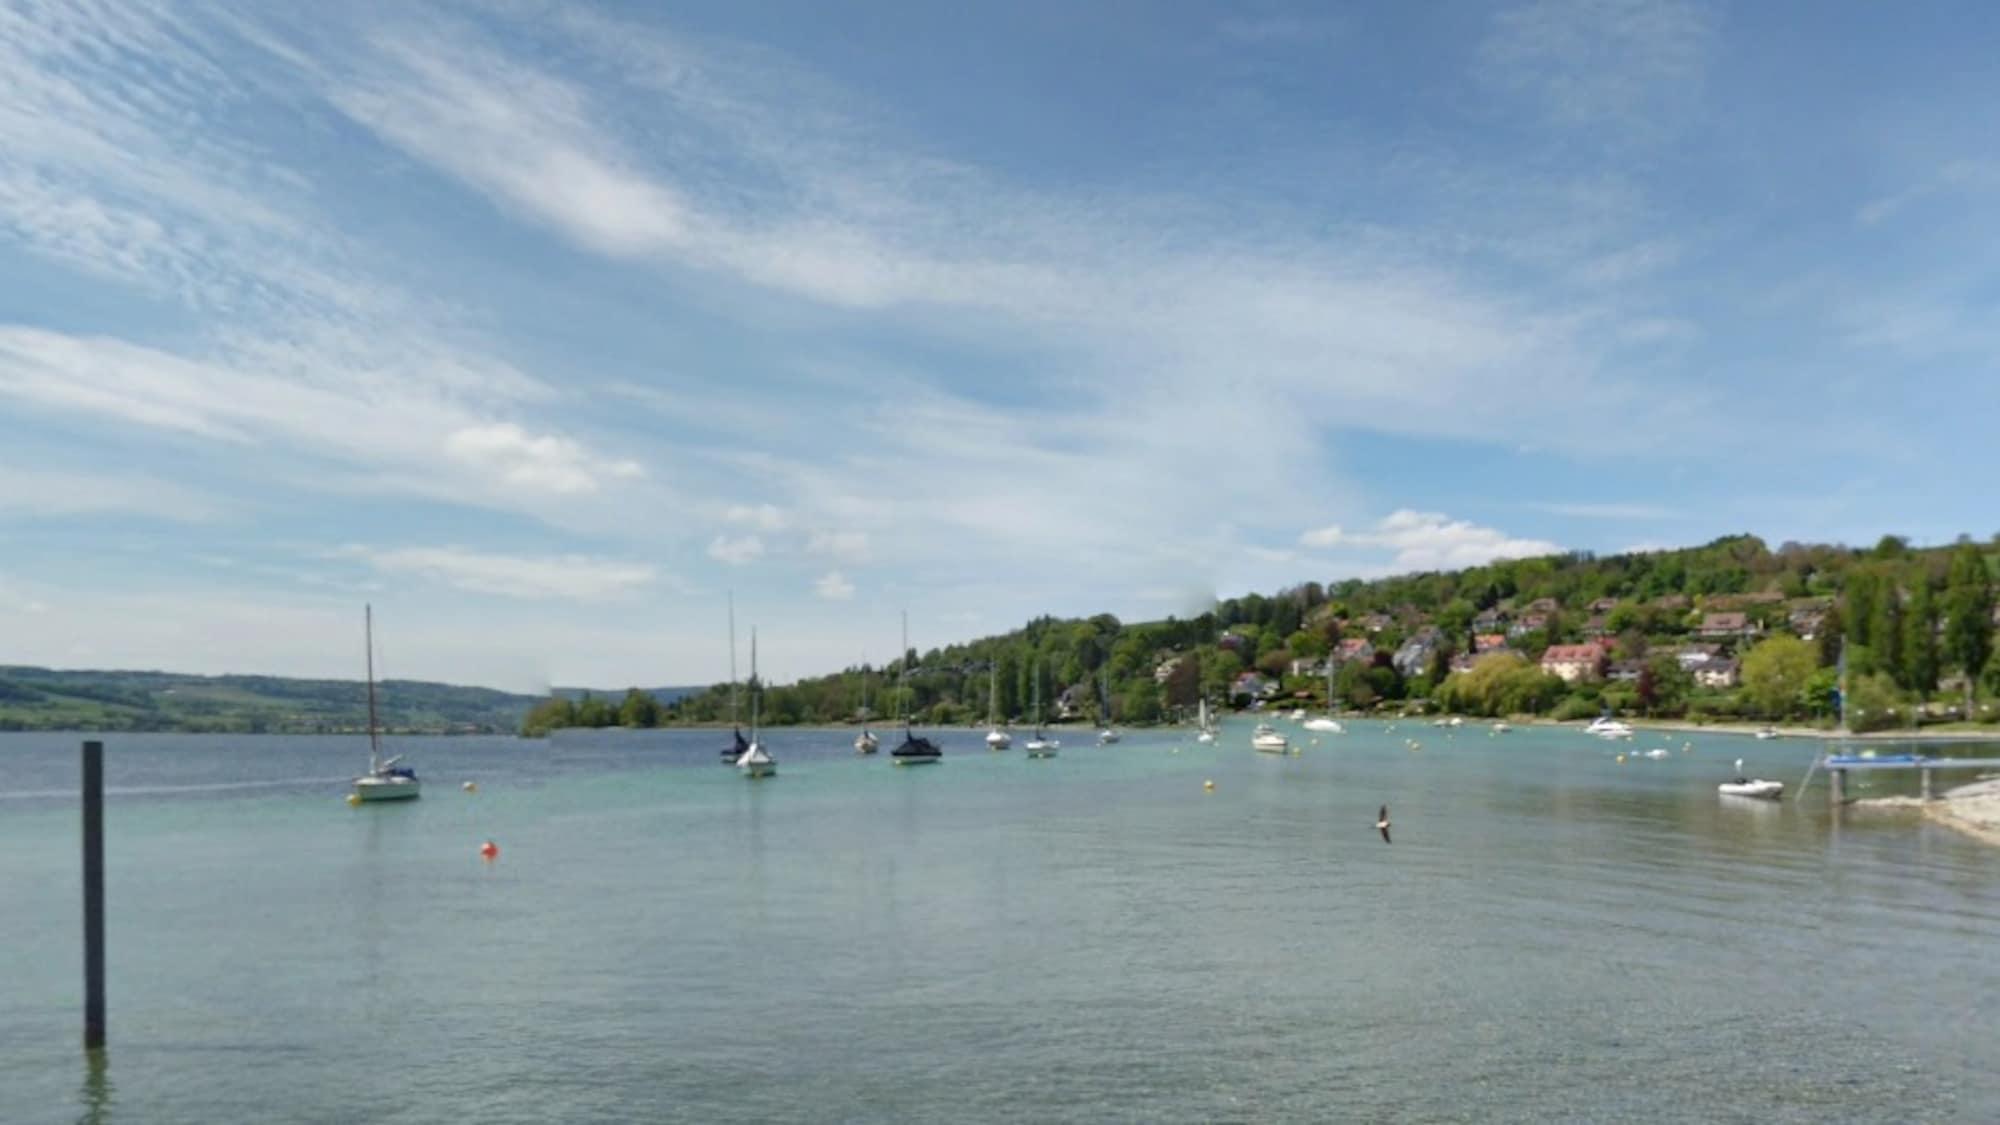 Auf Bodensee: Besoffener Schweizer (36) baut Bootsunfall – zwei Verletzte